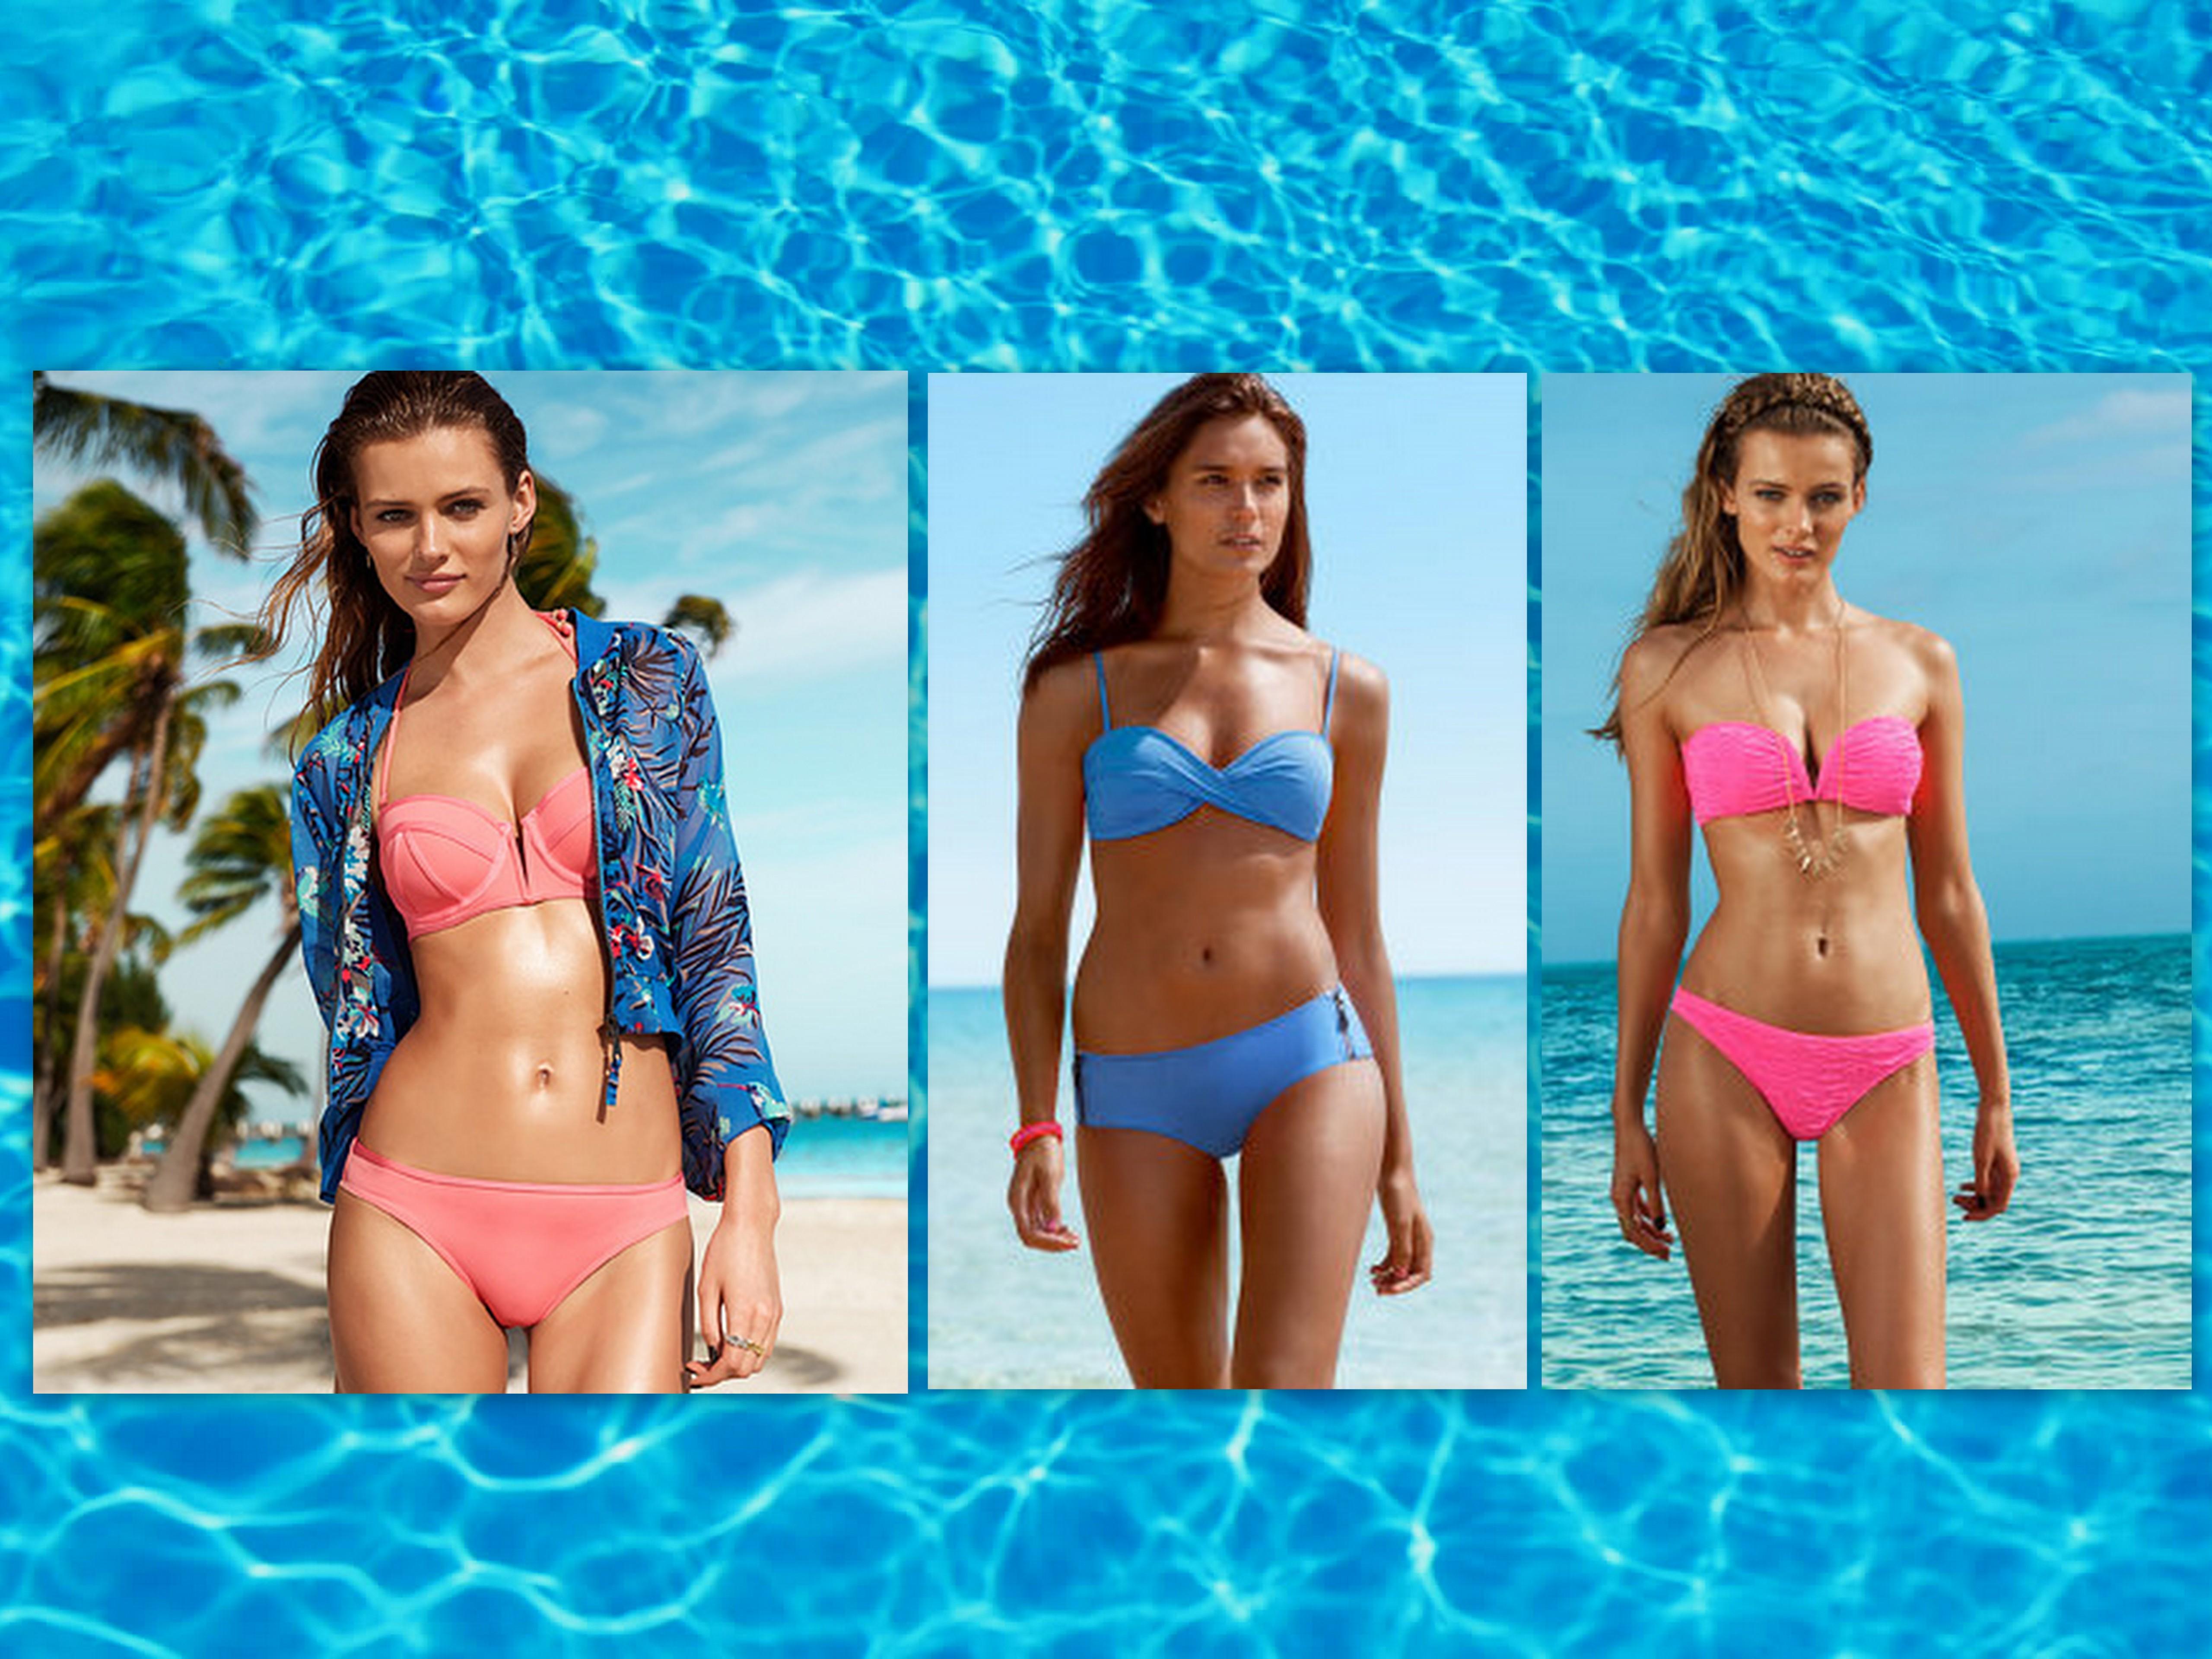 Tipo de bronceado de la comunidad de bikini playa